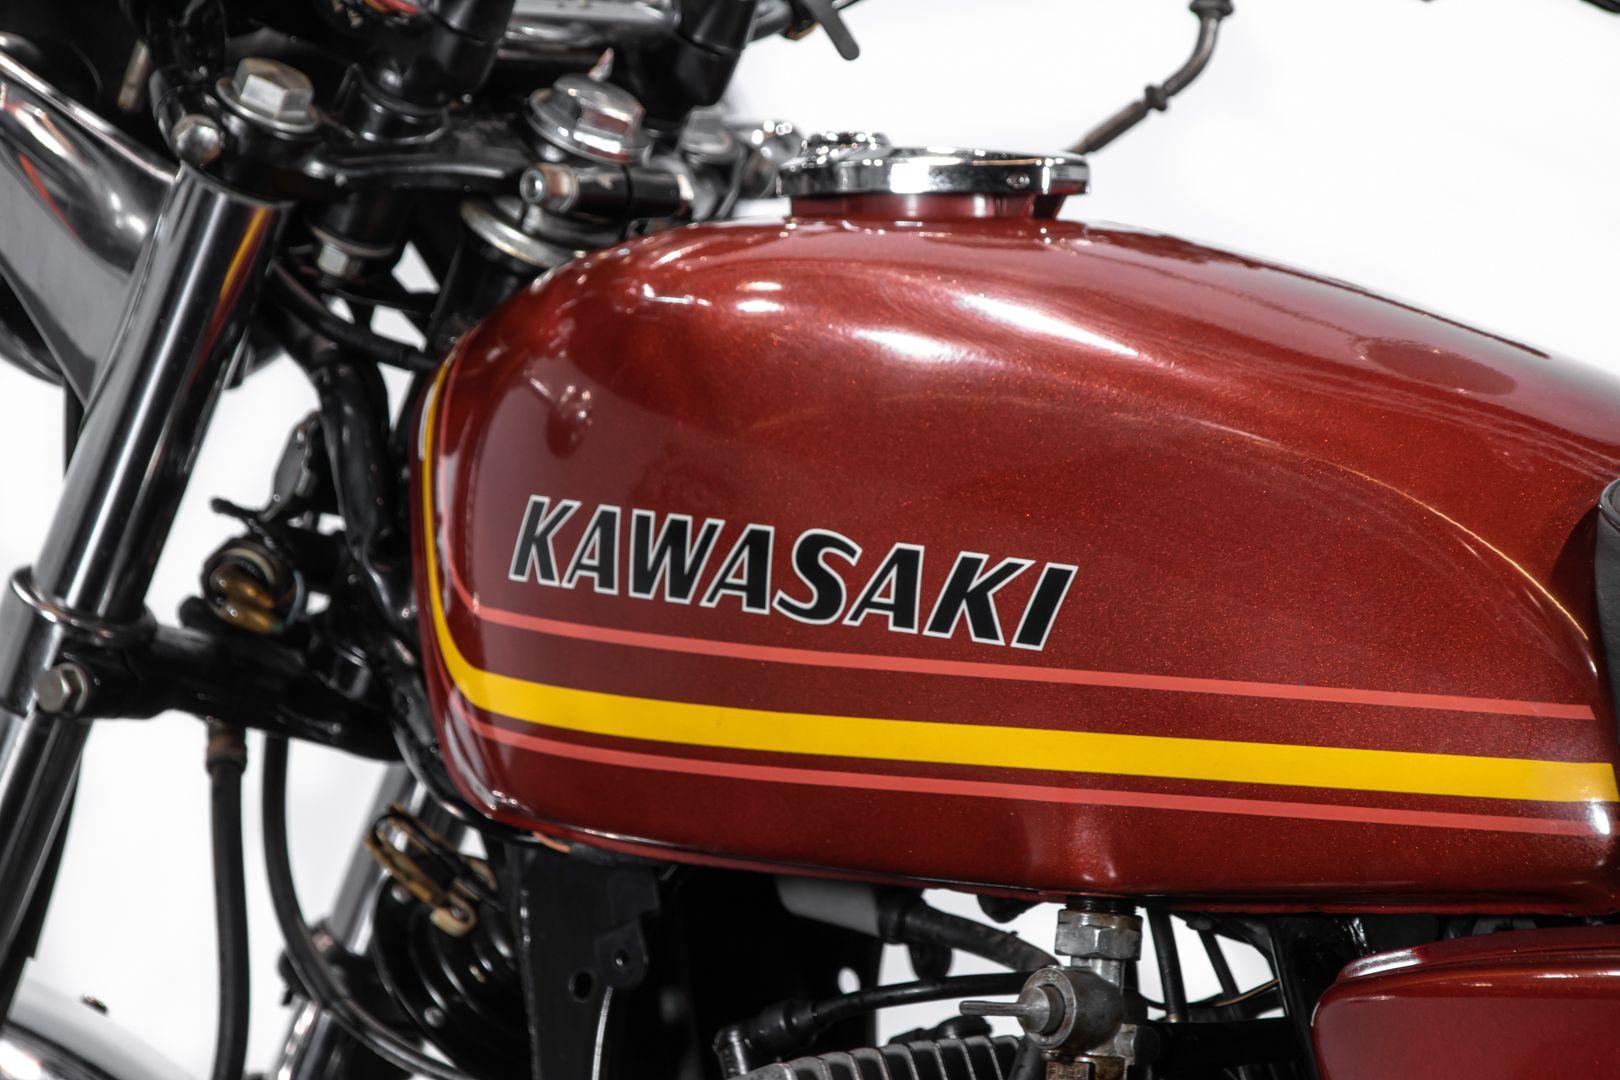 1976 Kawasaki KH 400 MACH III 78854